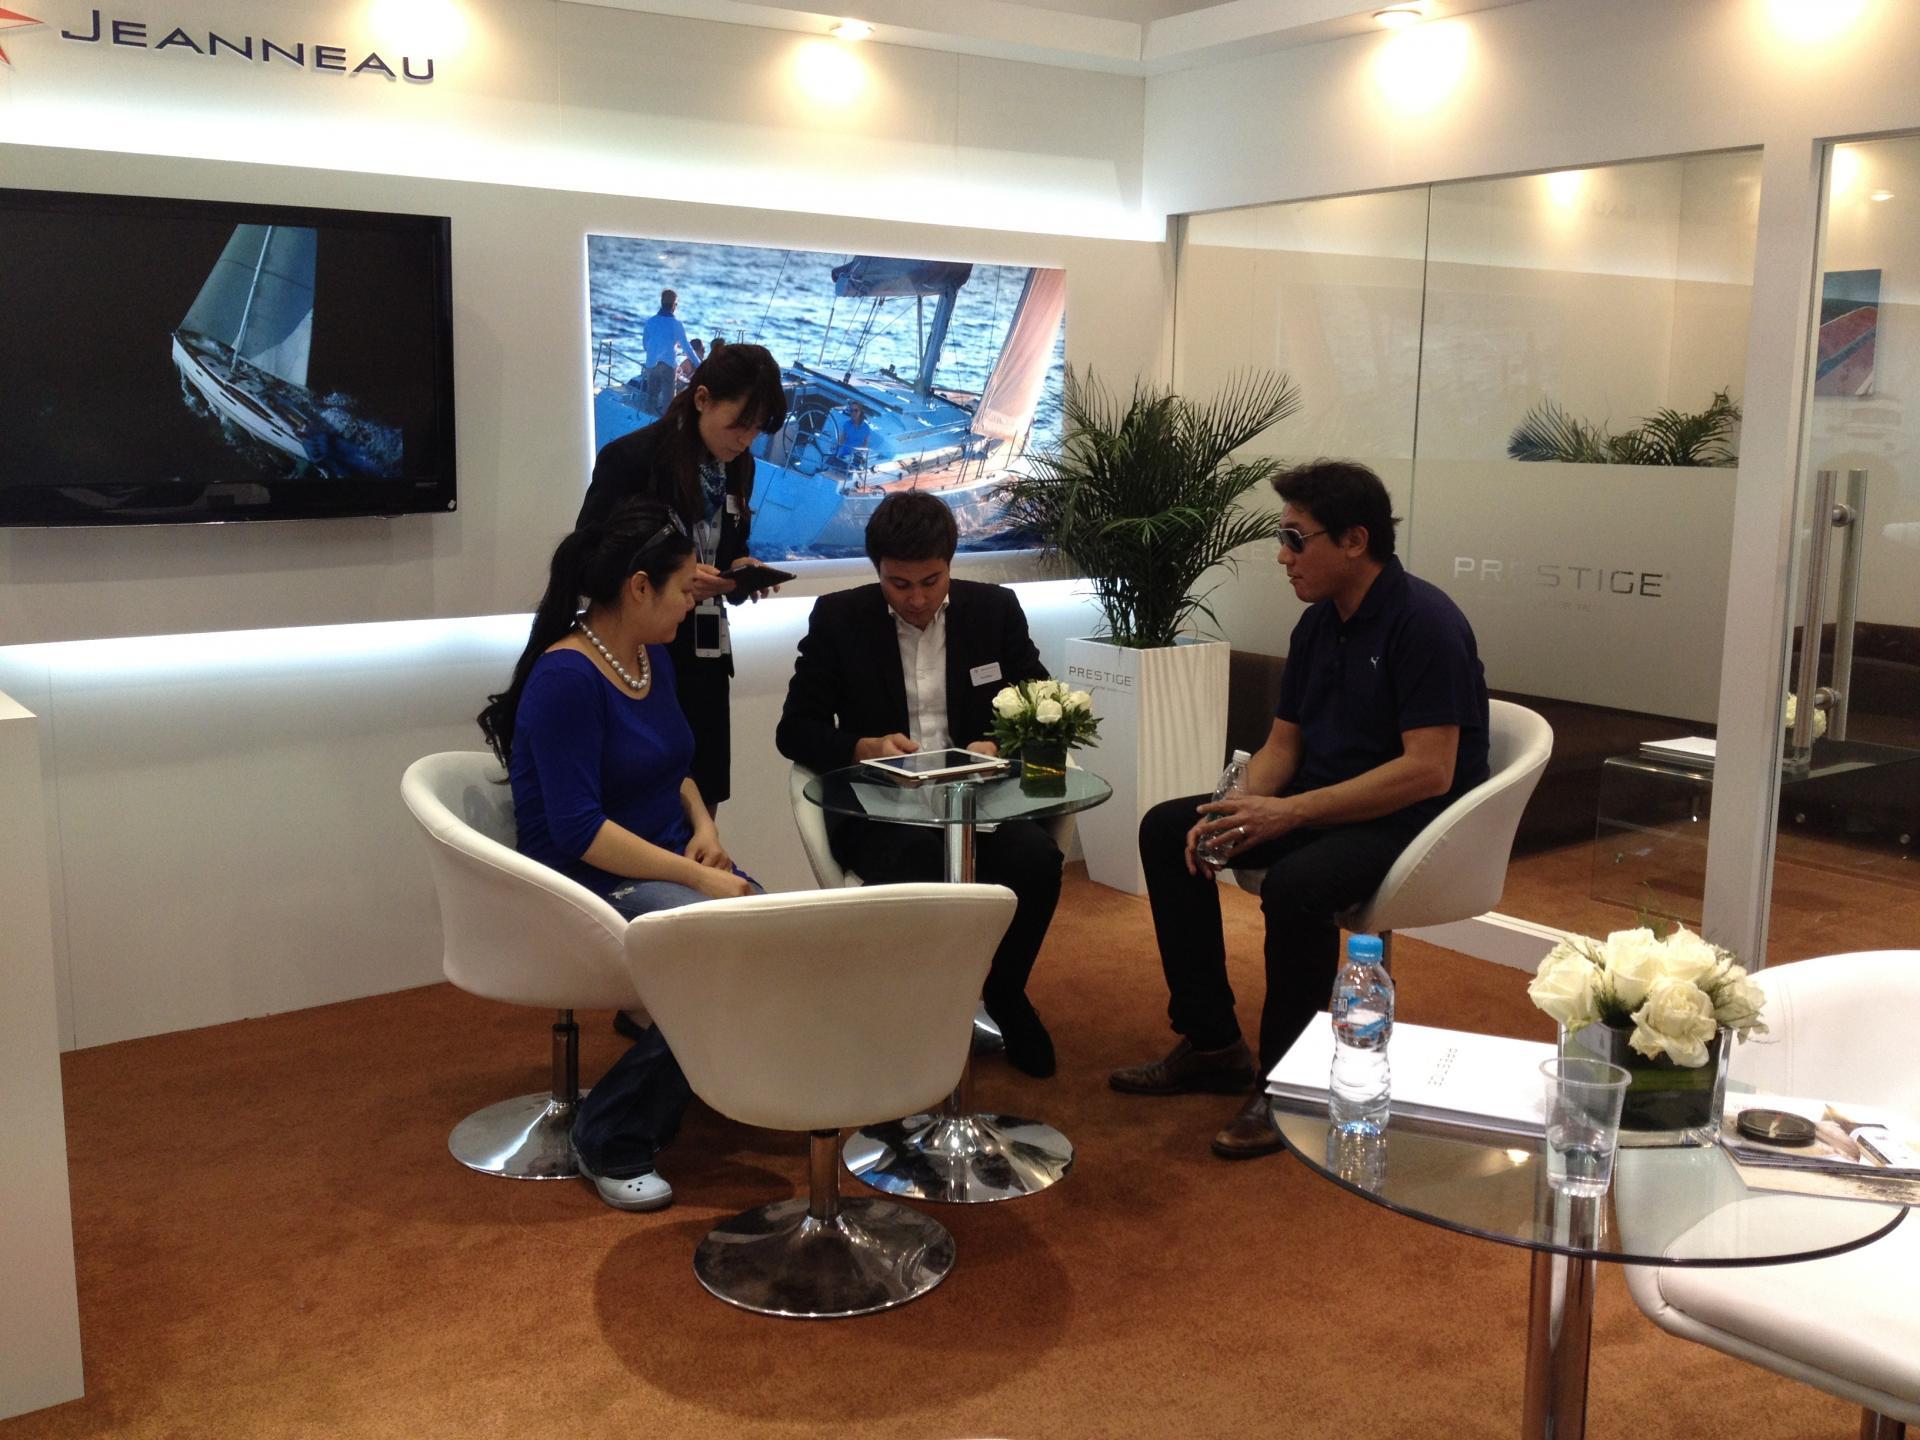 Jeanneau au salon nautique de shanghai jeanneau for Salons nautiques